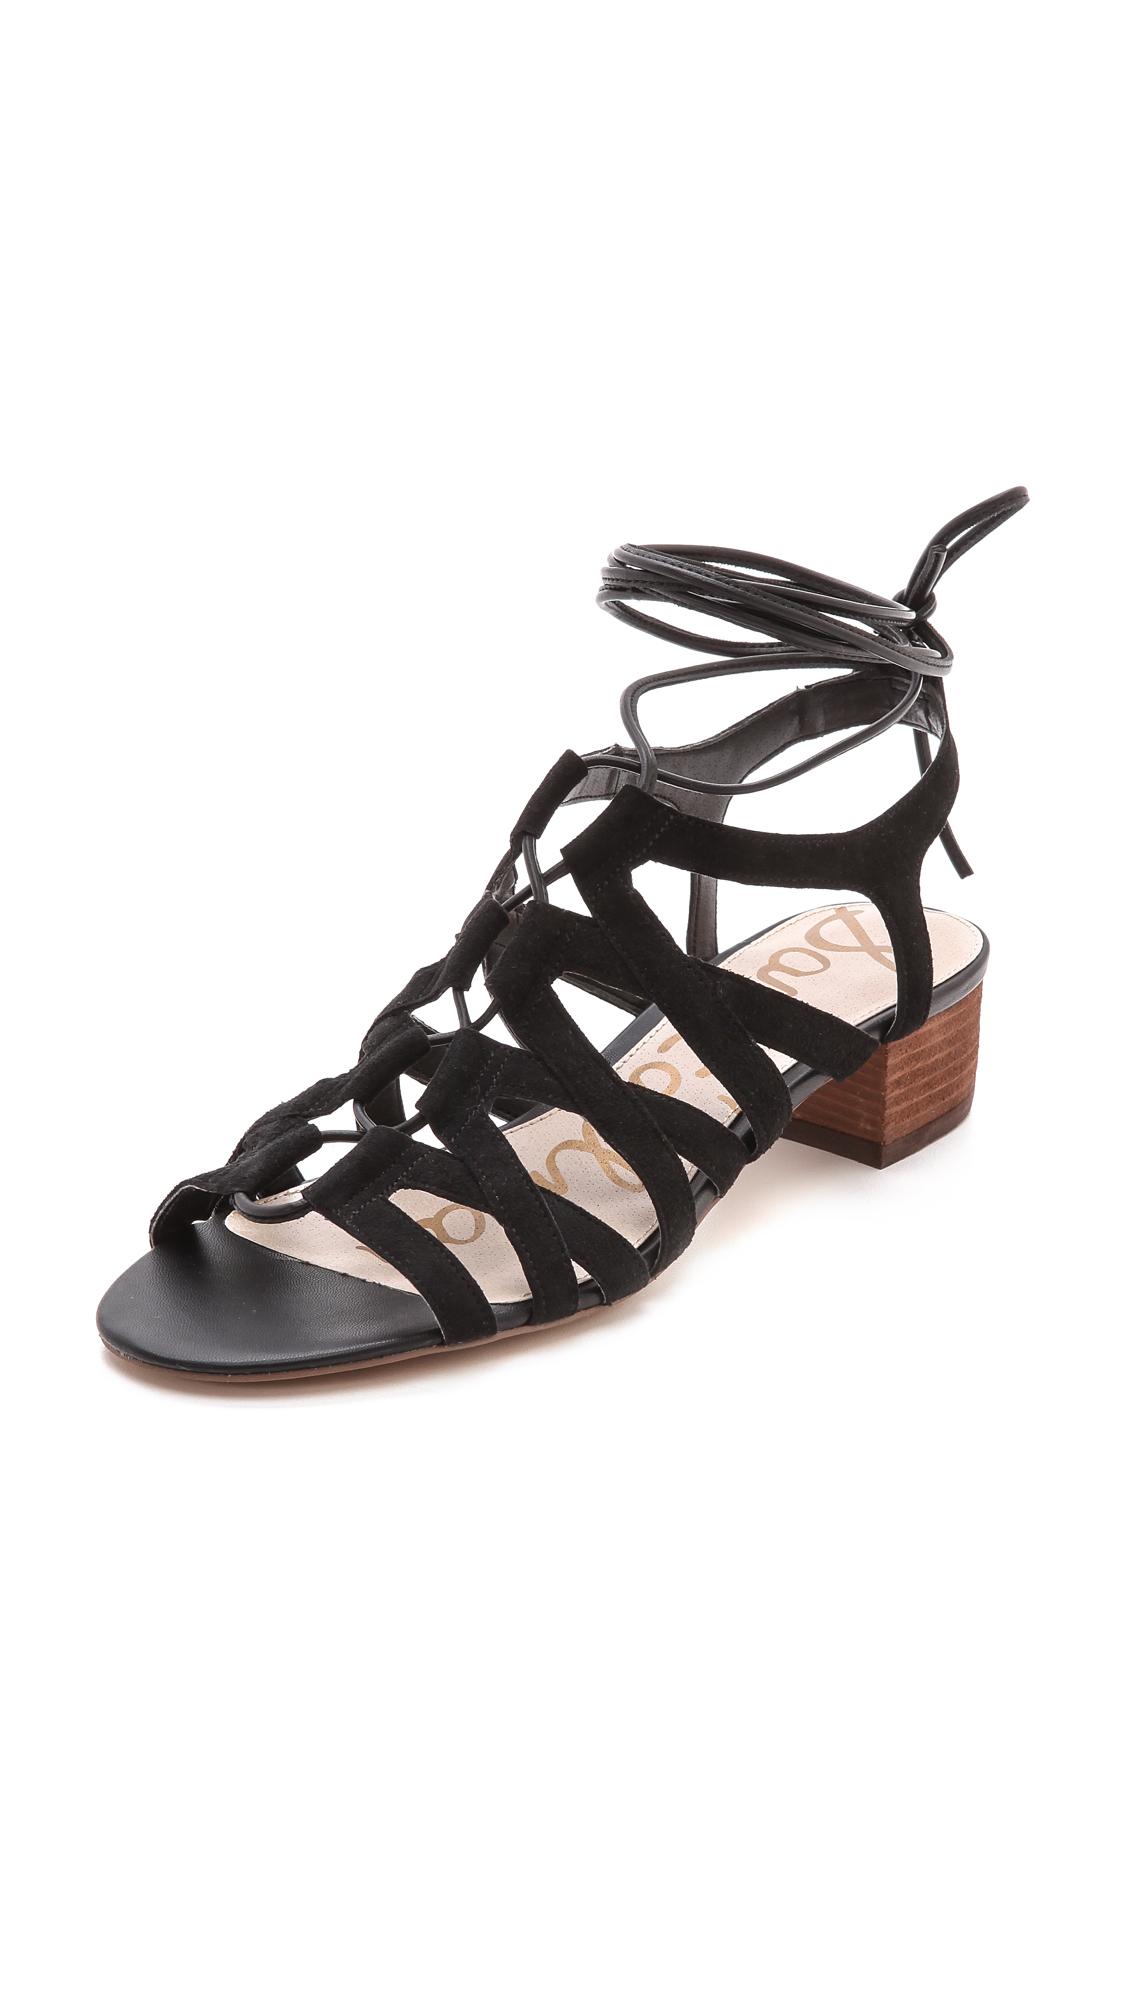 Sam Edelman Ardella Low Heel Sandals Putty In Black Lyst